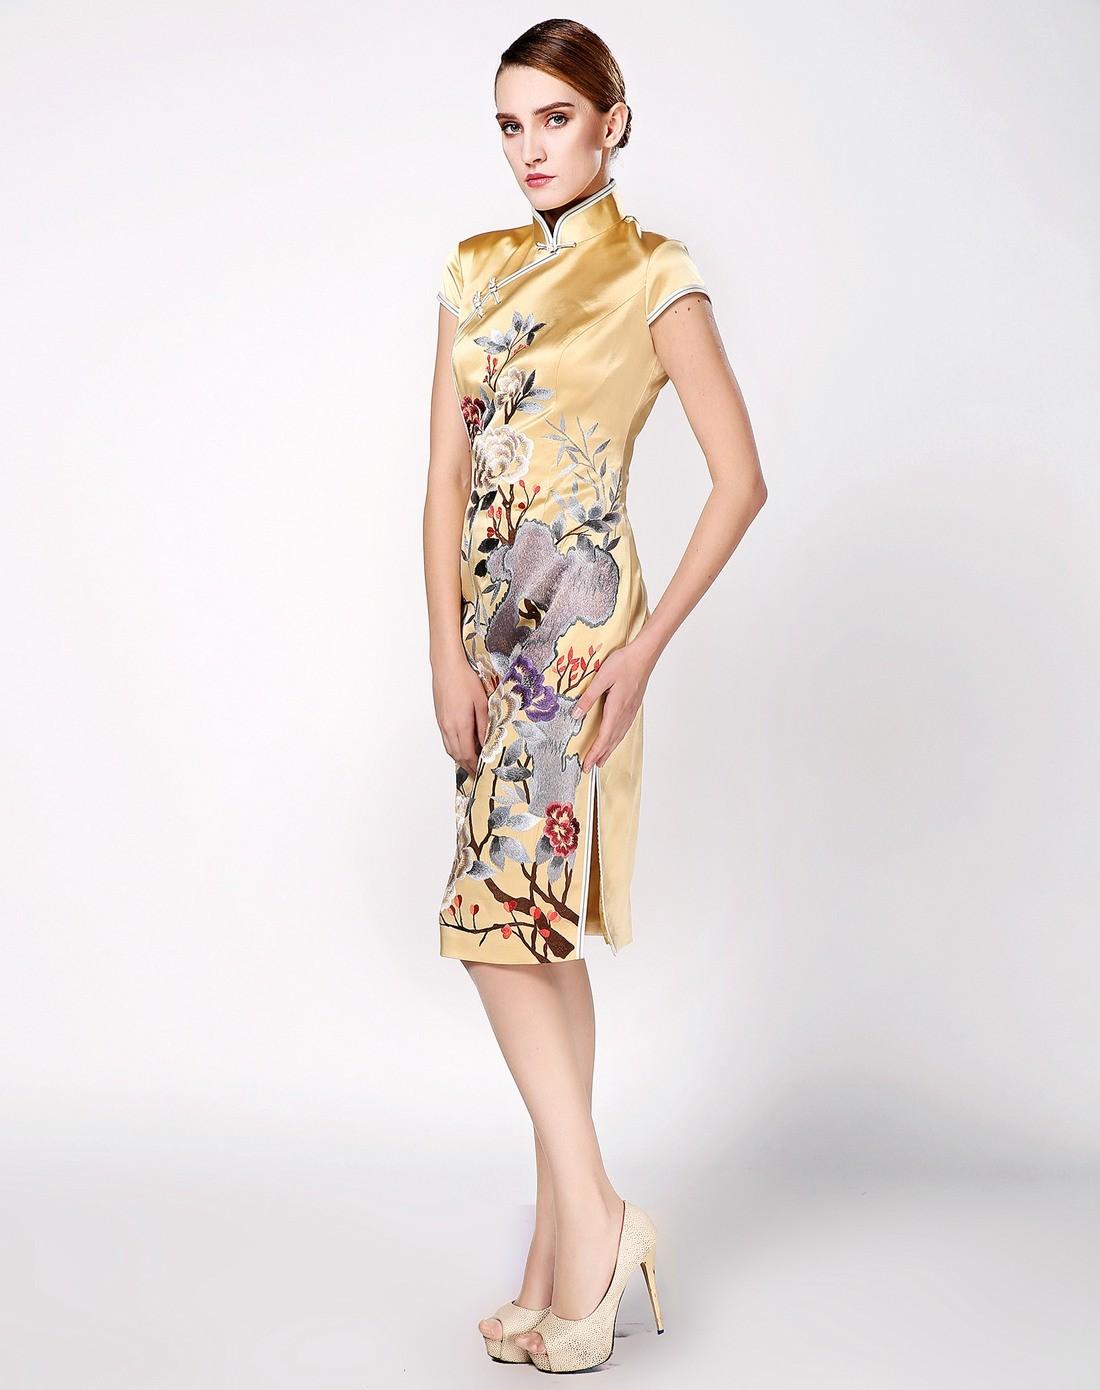 女款黄色绣花手工制作真丝旗袍